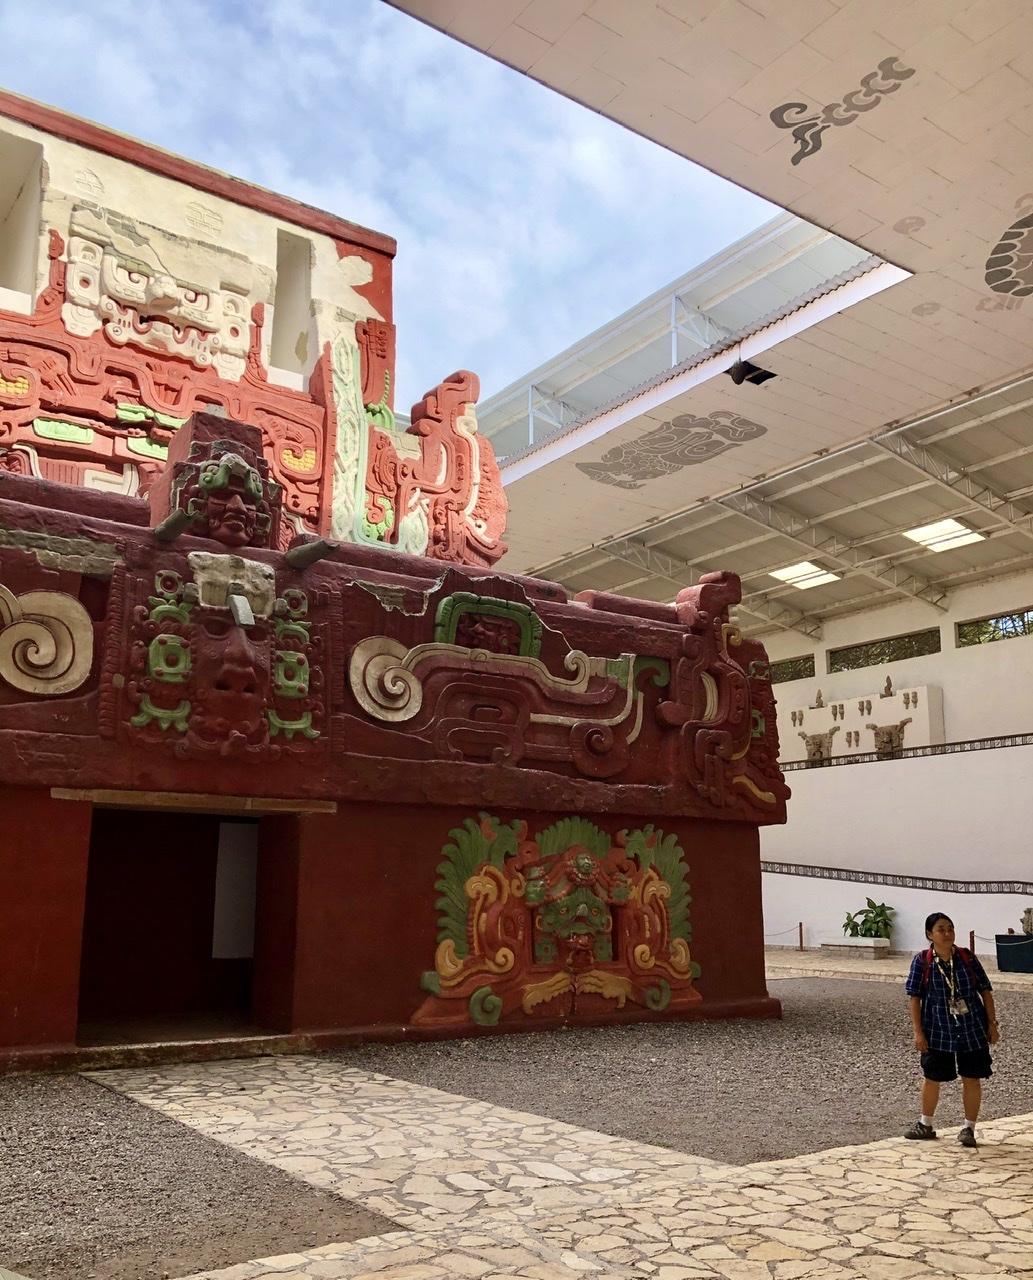 古代マヤ文明の遺跡 コパン遺跡@ホンジュラス_a0092659_22570348.jpeg